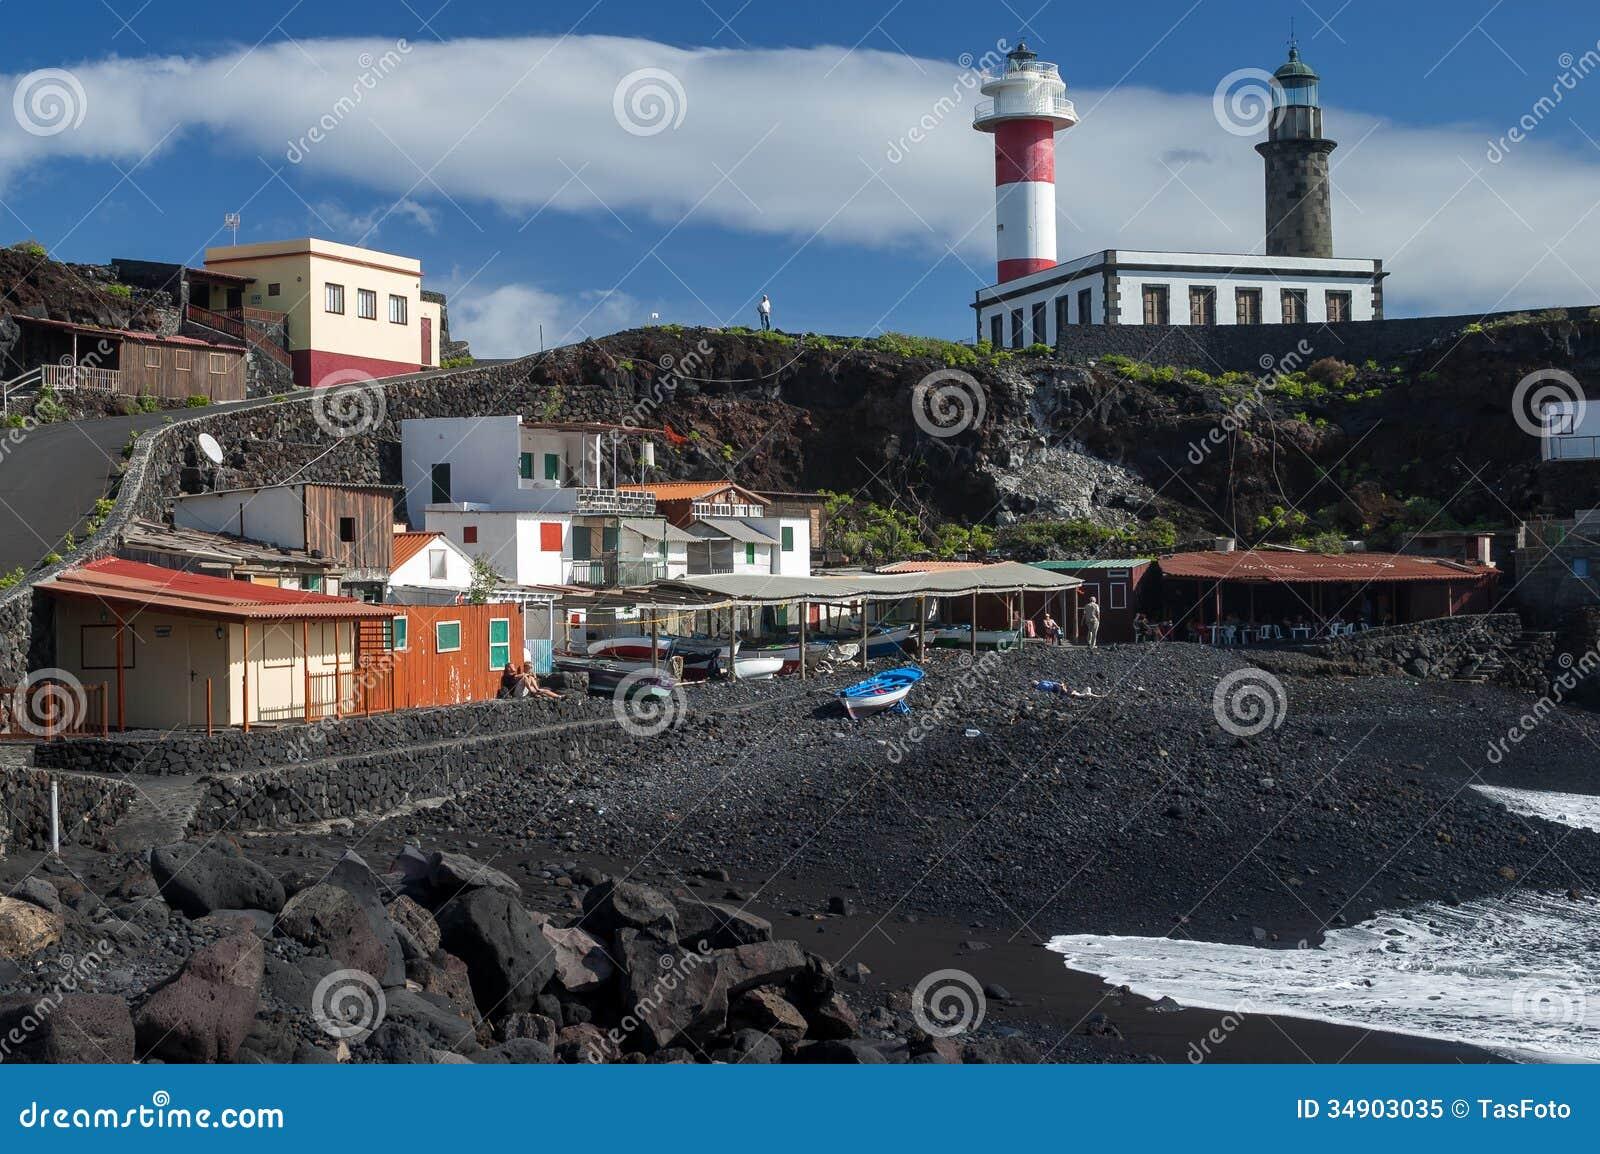 Playa Del Faro In Fuencaliente La Palma Editorial Image Image Of Bonita South 34903035